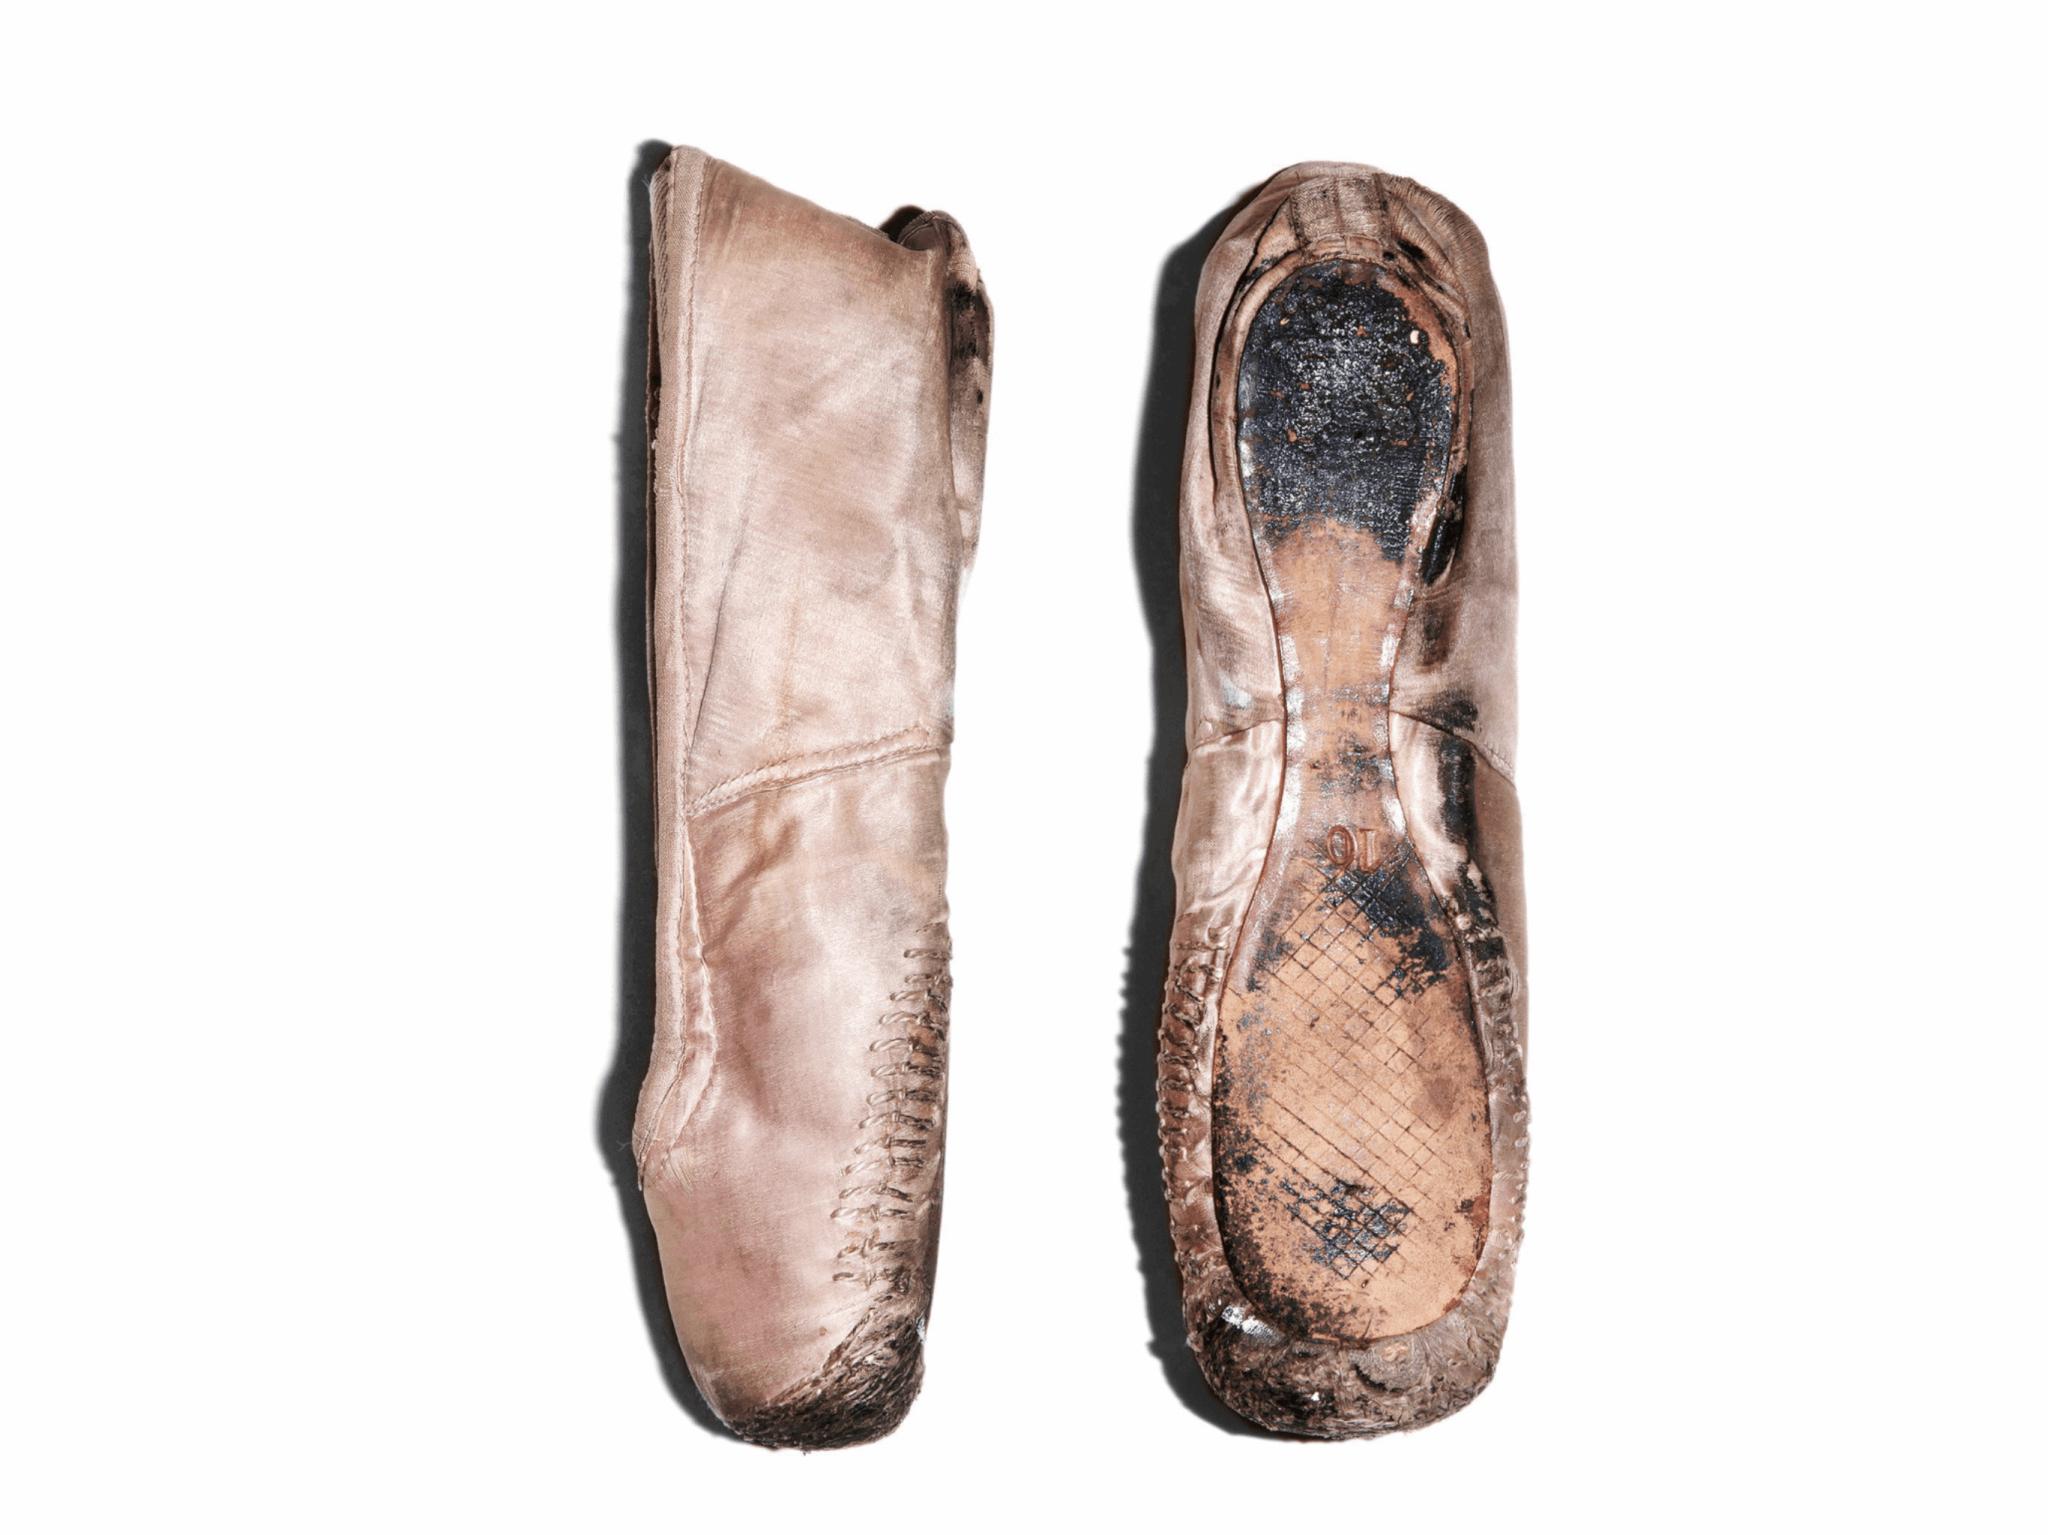 芭芙洛娃的舞鞋